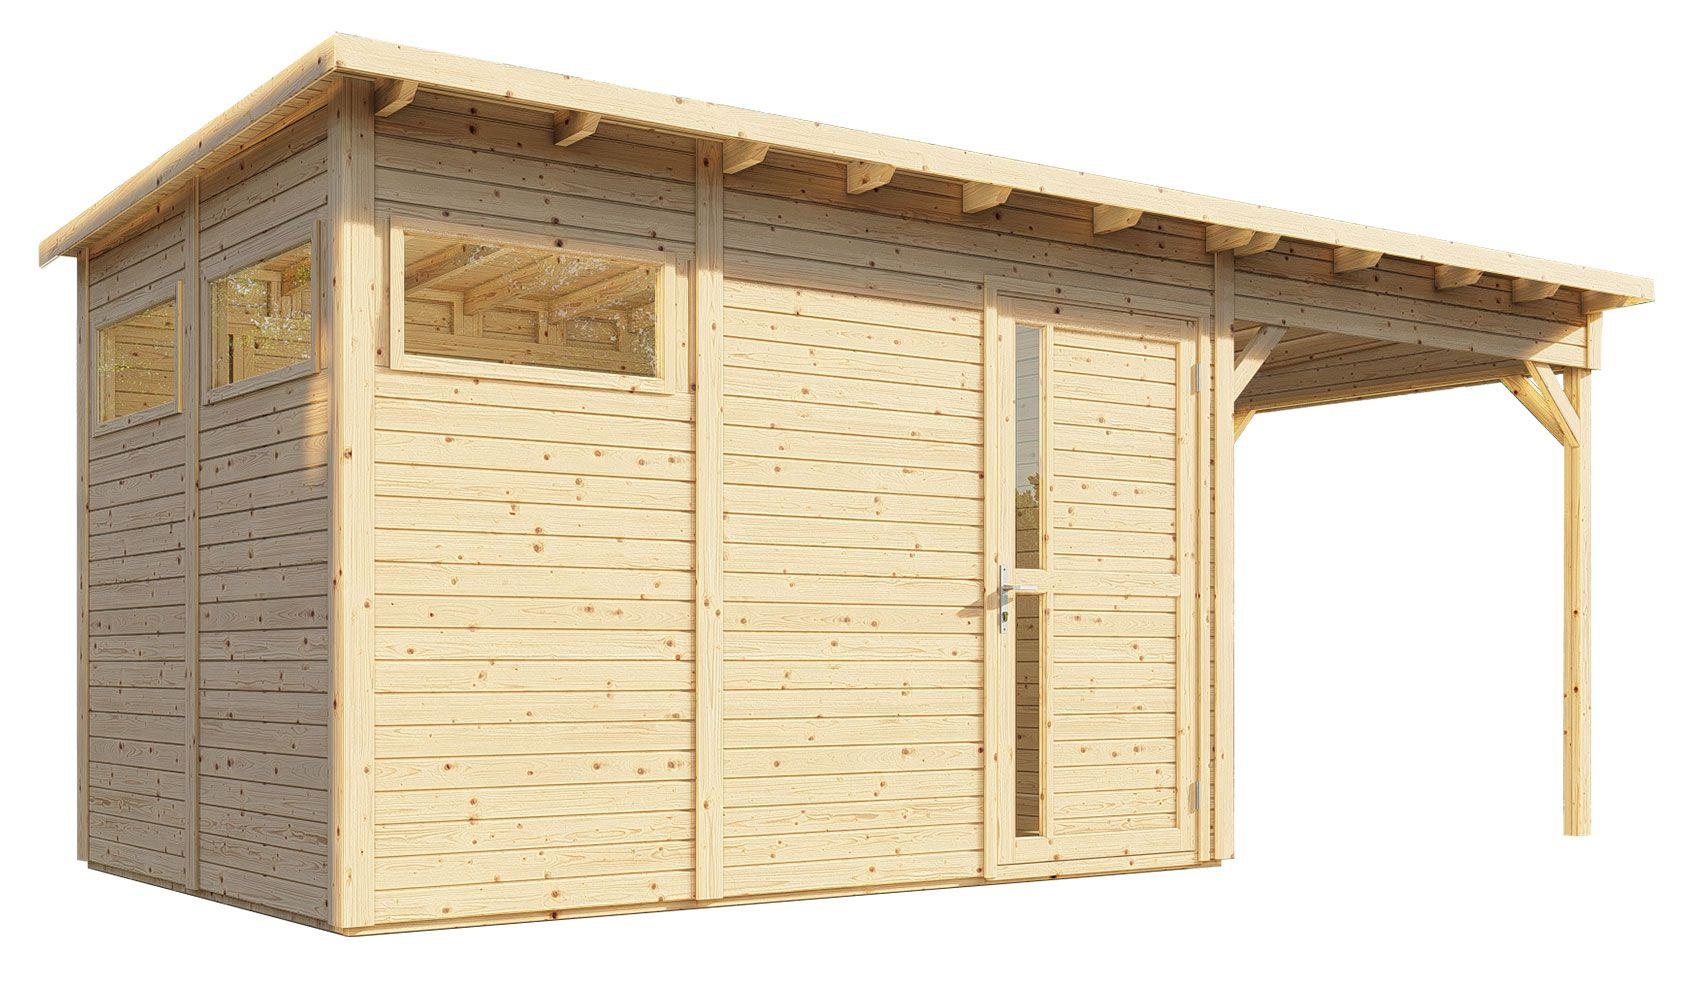 Gartenhaus Kiel 03 mit Anbaudach inkl. Fußboden und Dachpappe, Naturbelassen - 19 mm Elementgartenhaus, Nutzfläche: 7,70 m², Flachdach